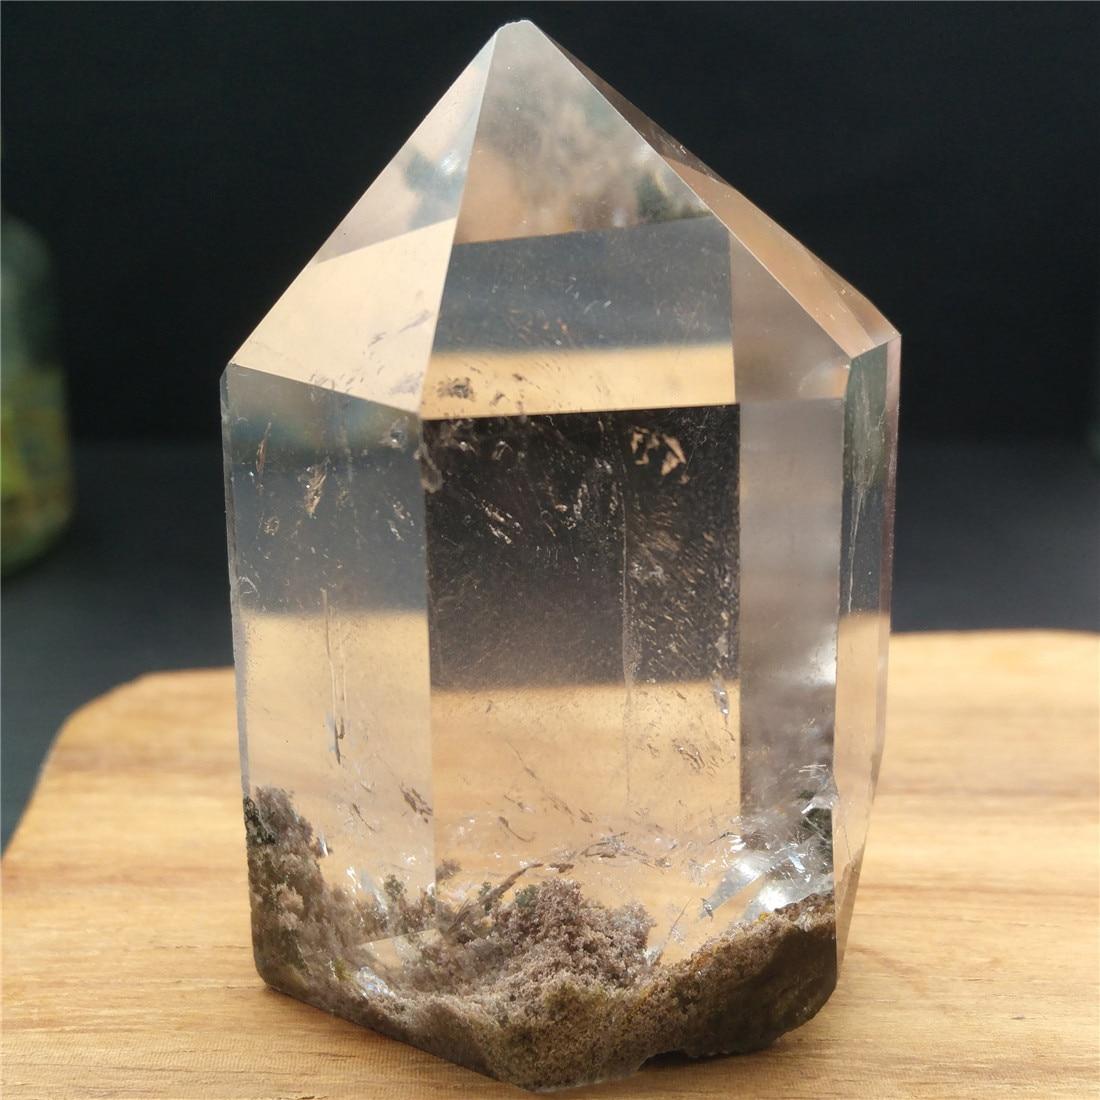 Torre de Cristal fantasma Fantasma Da Ilha de Pedra Pedras Cristais Wicca Pierre Naturelle et Cristaux de Cura Natural Decoração de Cristal de Quartzo